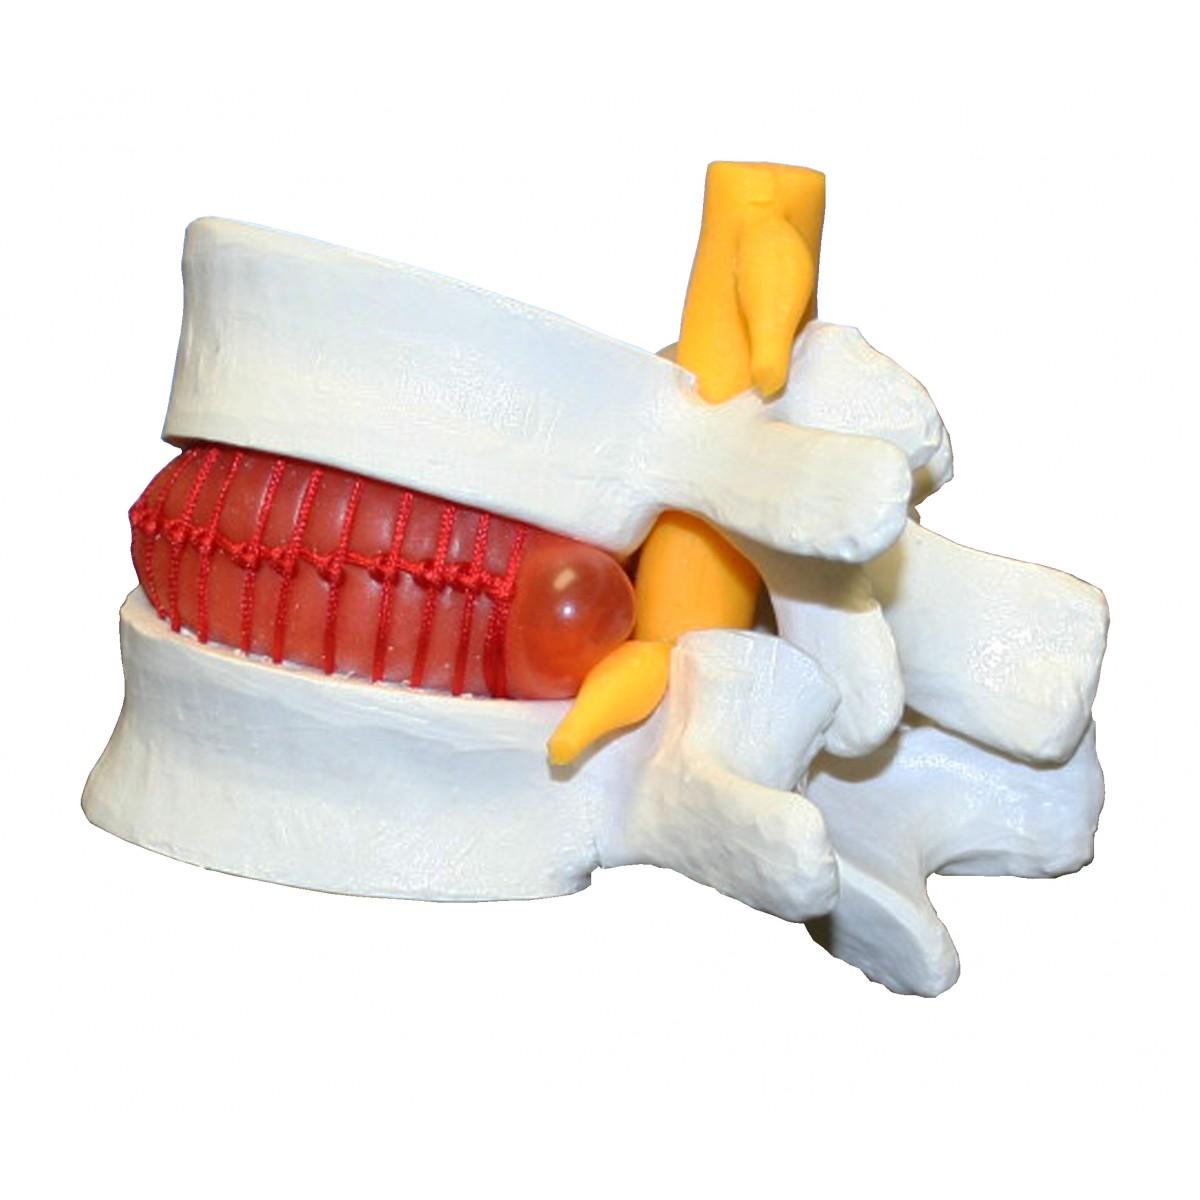 VAV235 Prolapsed Intervertebral Disc - Vertebral Column - Anatomical ...